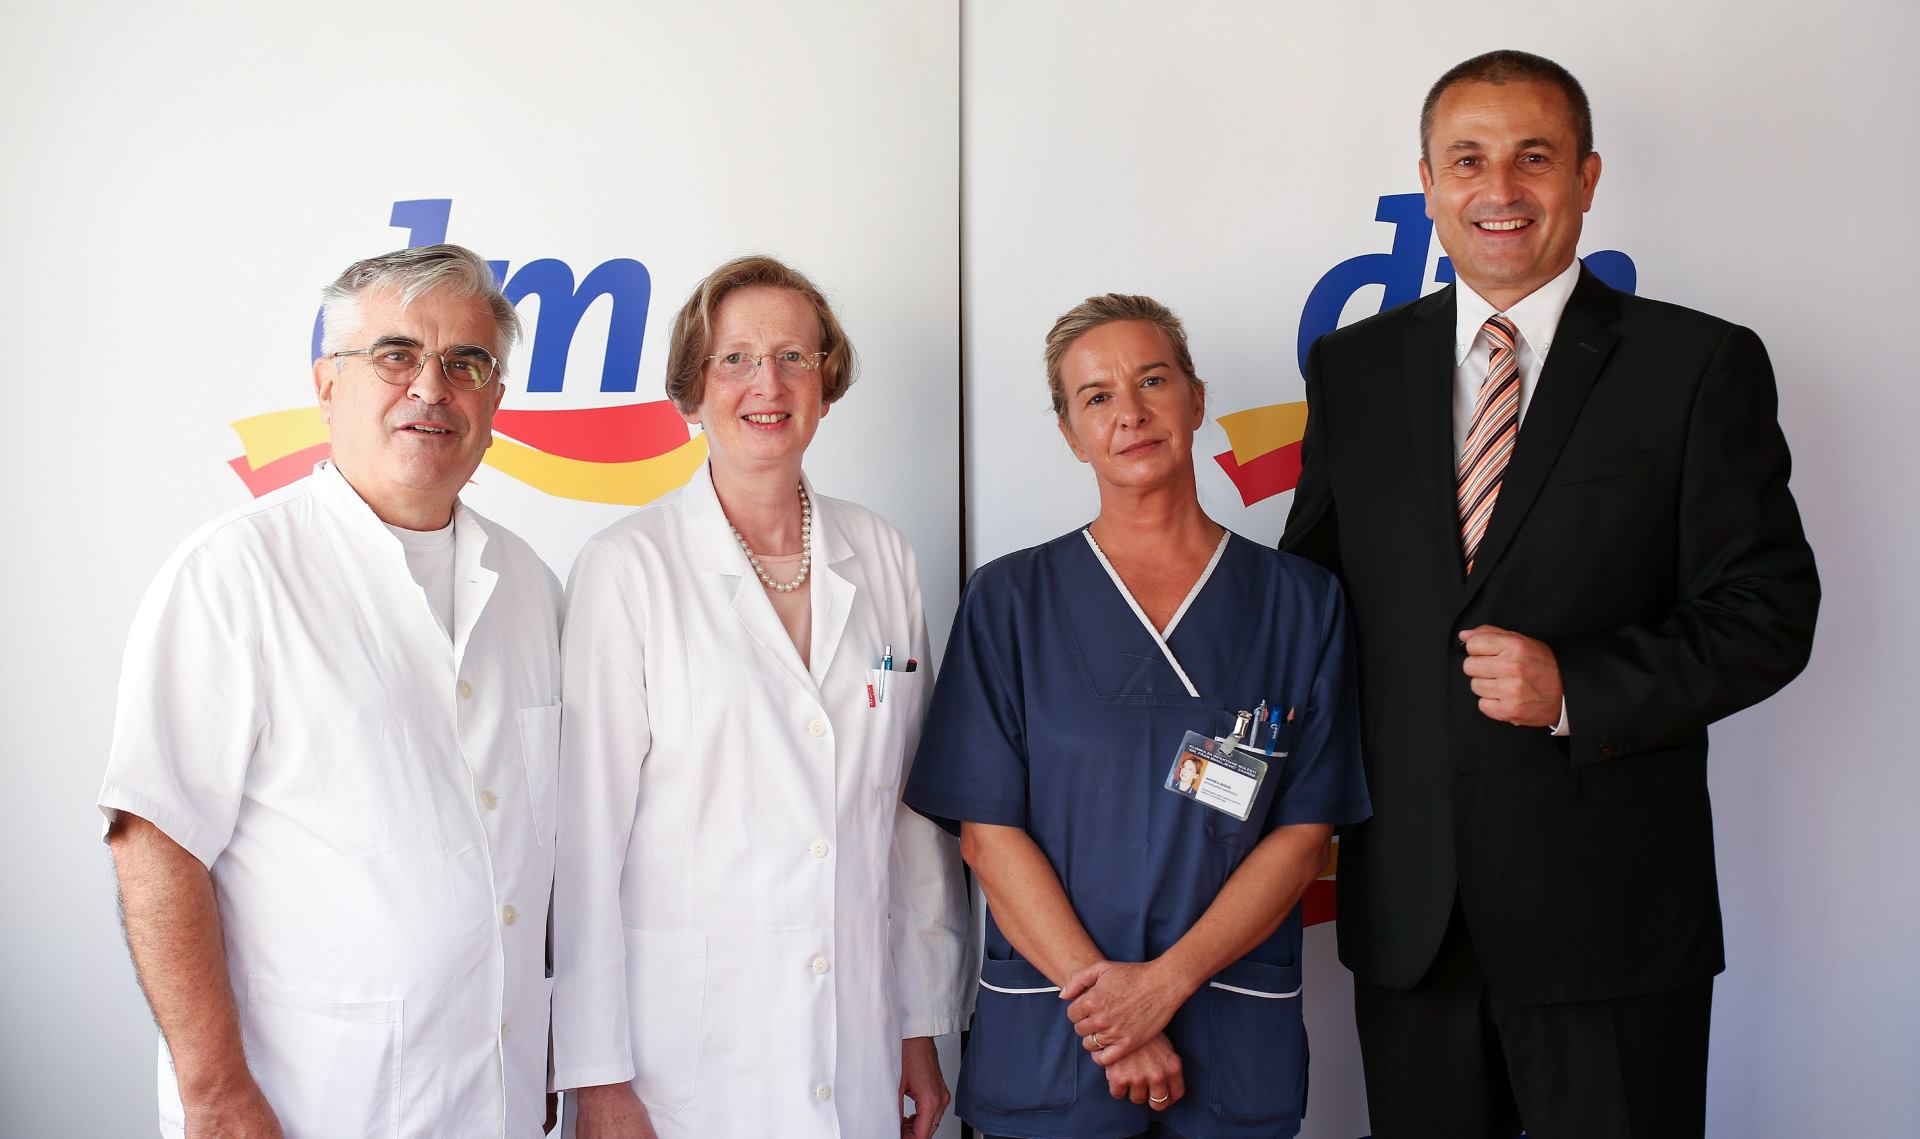 Donacija dm-a Klinici 'Dr. Fran Mihaljević' omogućit će sigurnije liječenje najtežih bolesnika